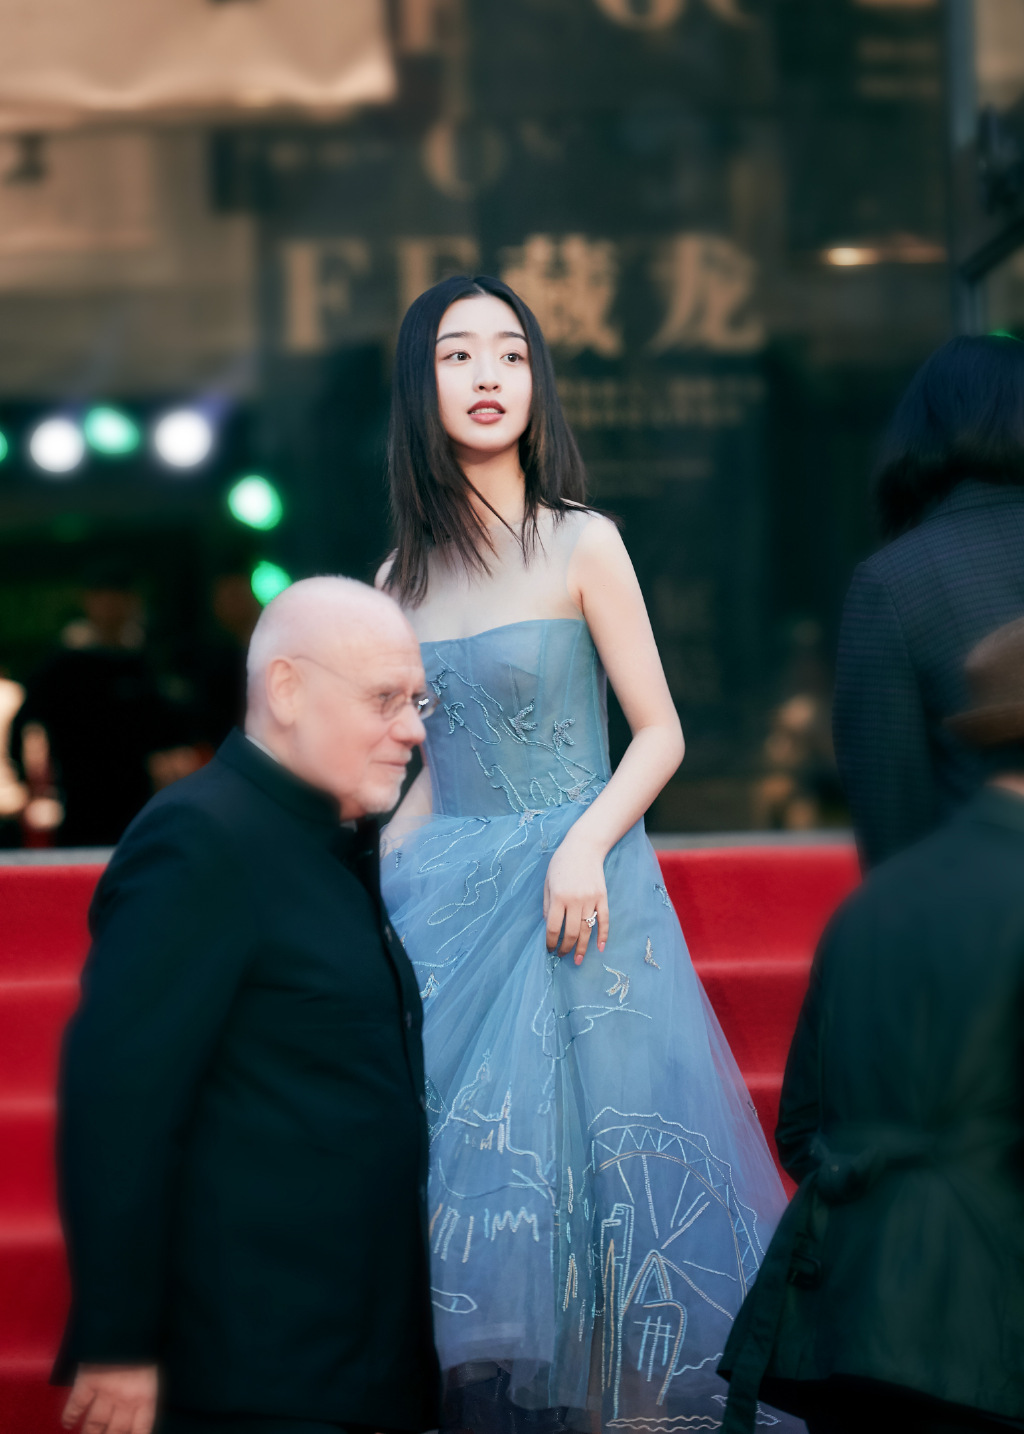 她是TFBOYS公司唯一女艺人,今穿蓝色纱裙,14岁优雅大气